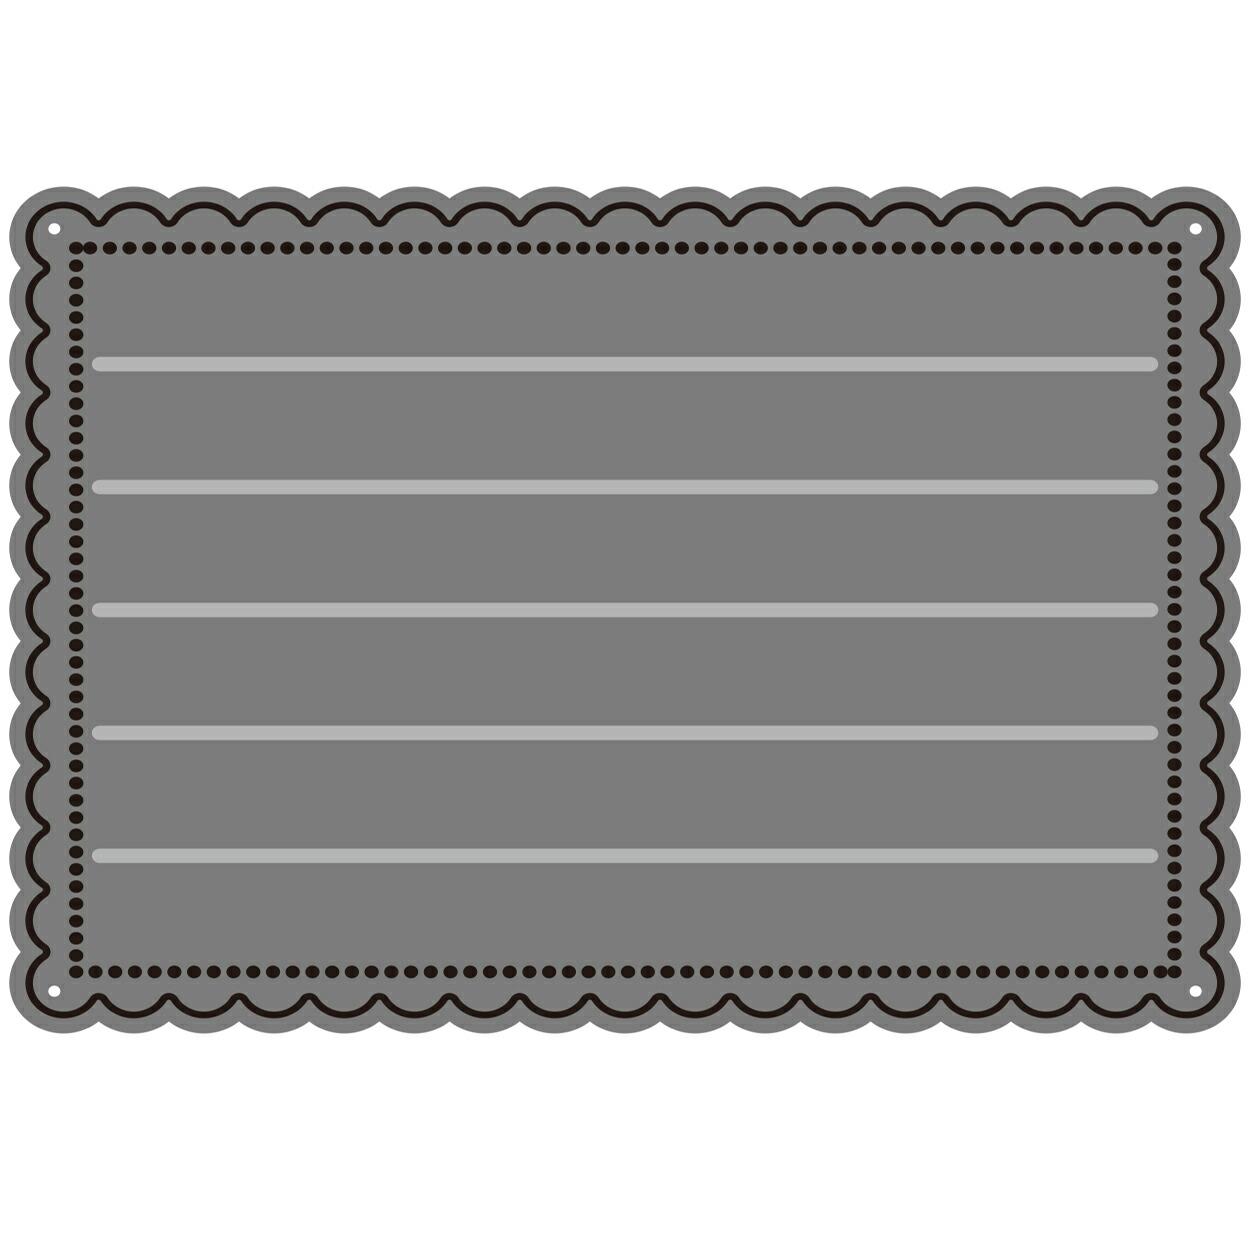 【403】/ワンダーハウス/ダイ(抜き型)/メッセージカード 寄せ書き 長方形 スカラップ